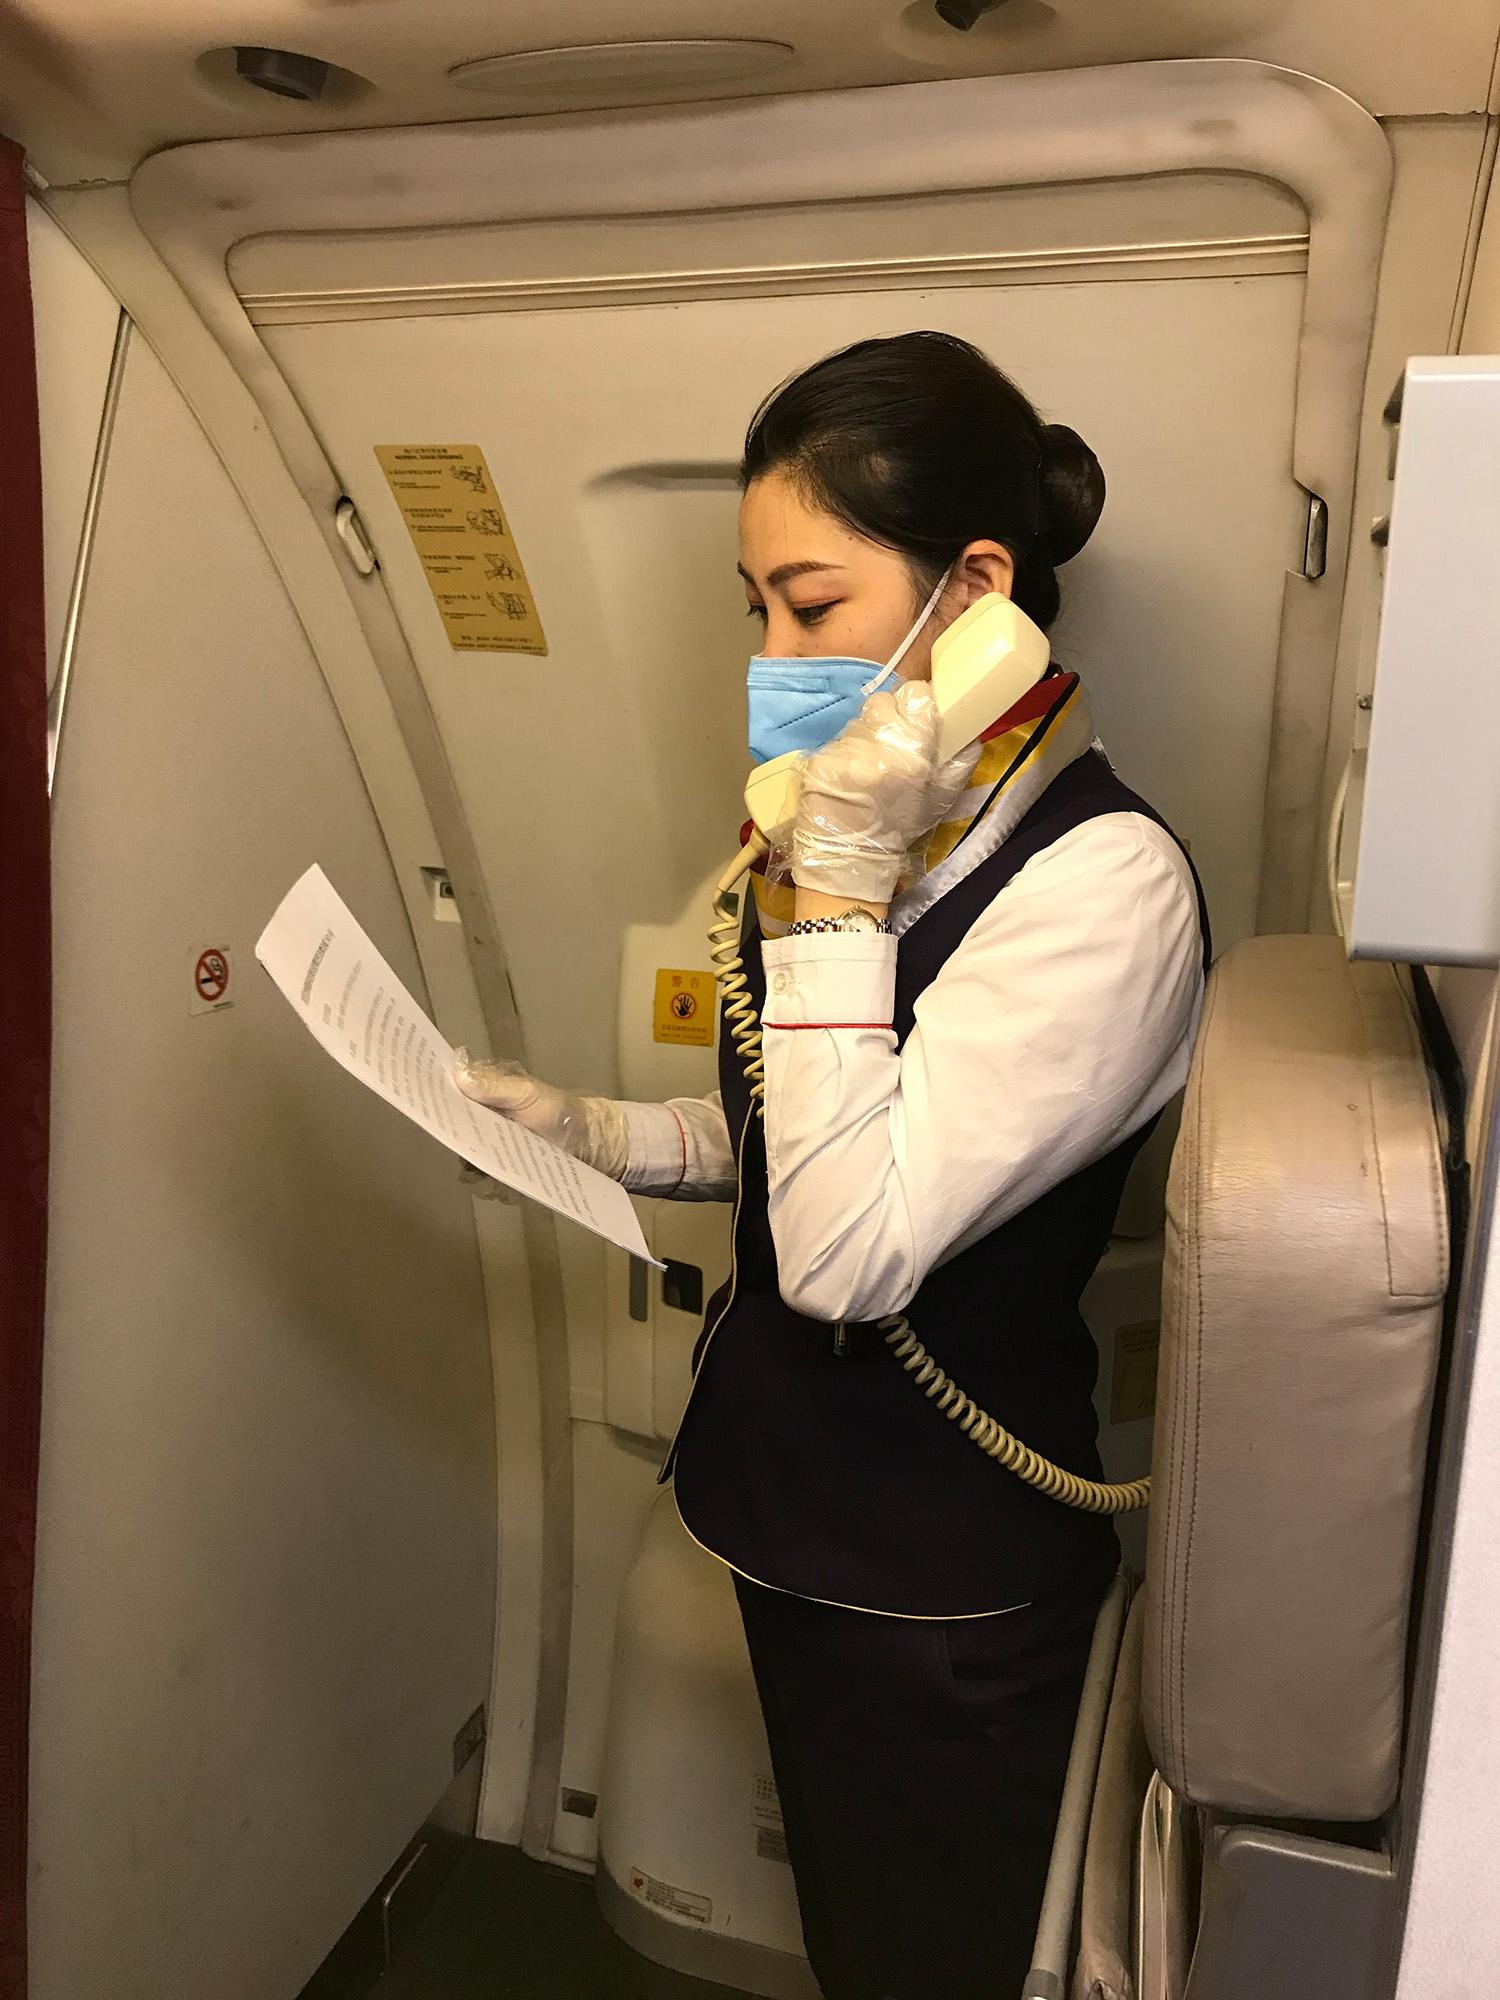 北部湾航空乘务教员管绚通过机上广播为旅客介绍疫情防控法规